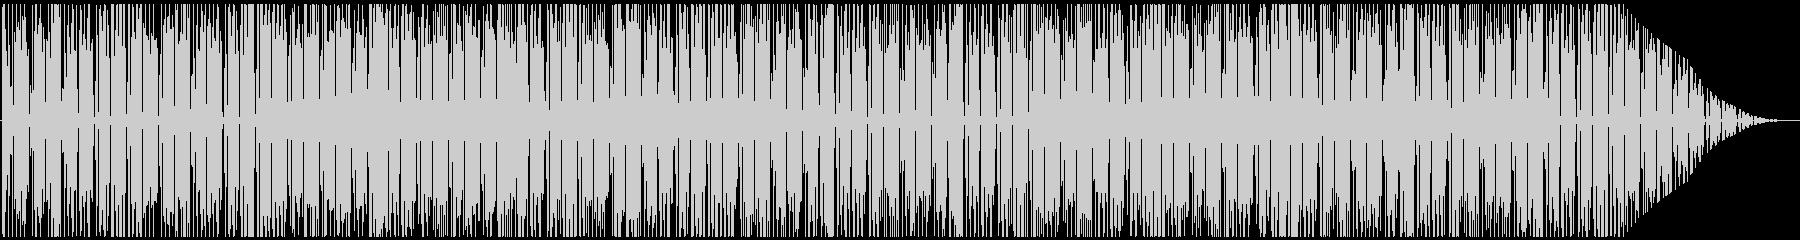 トロピカルな雰囲気のレゲエBGMメロ無しの未再生の波形